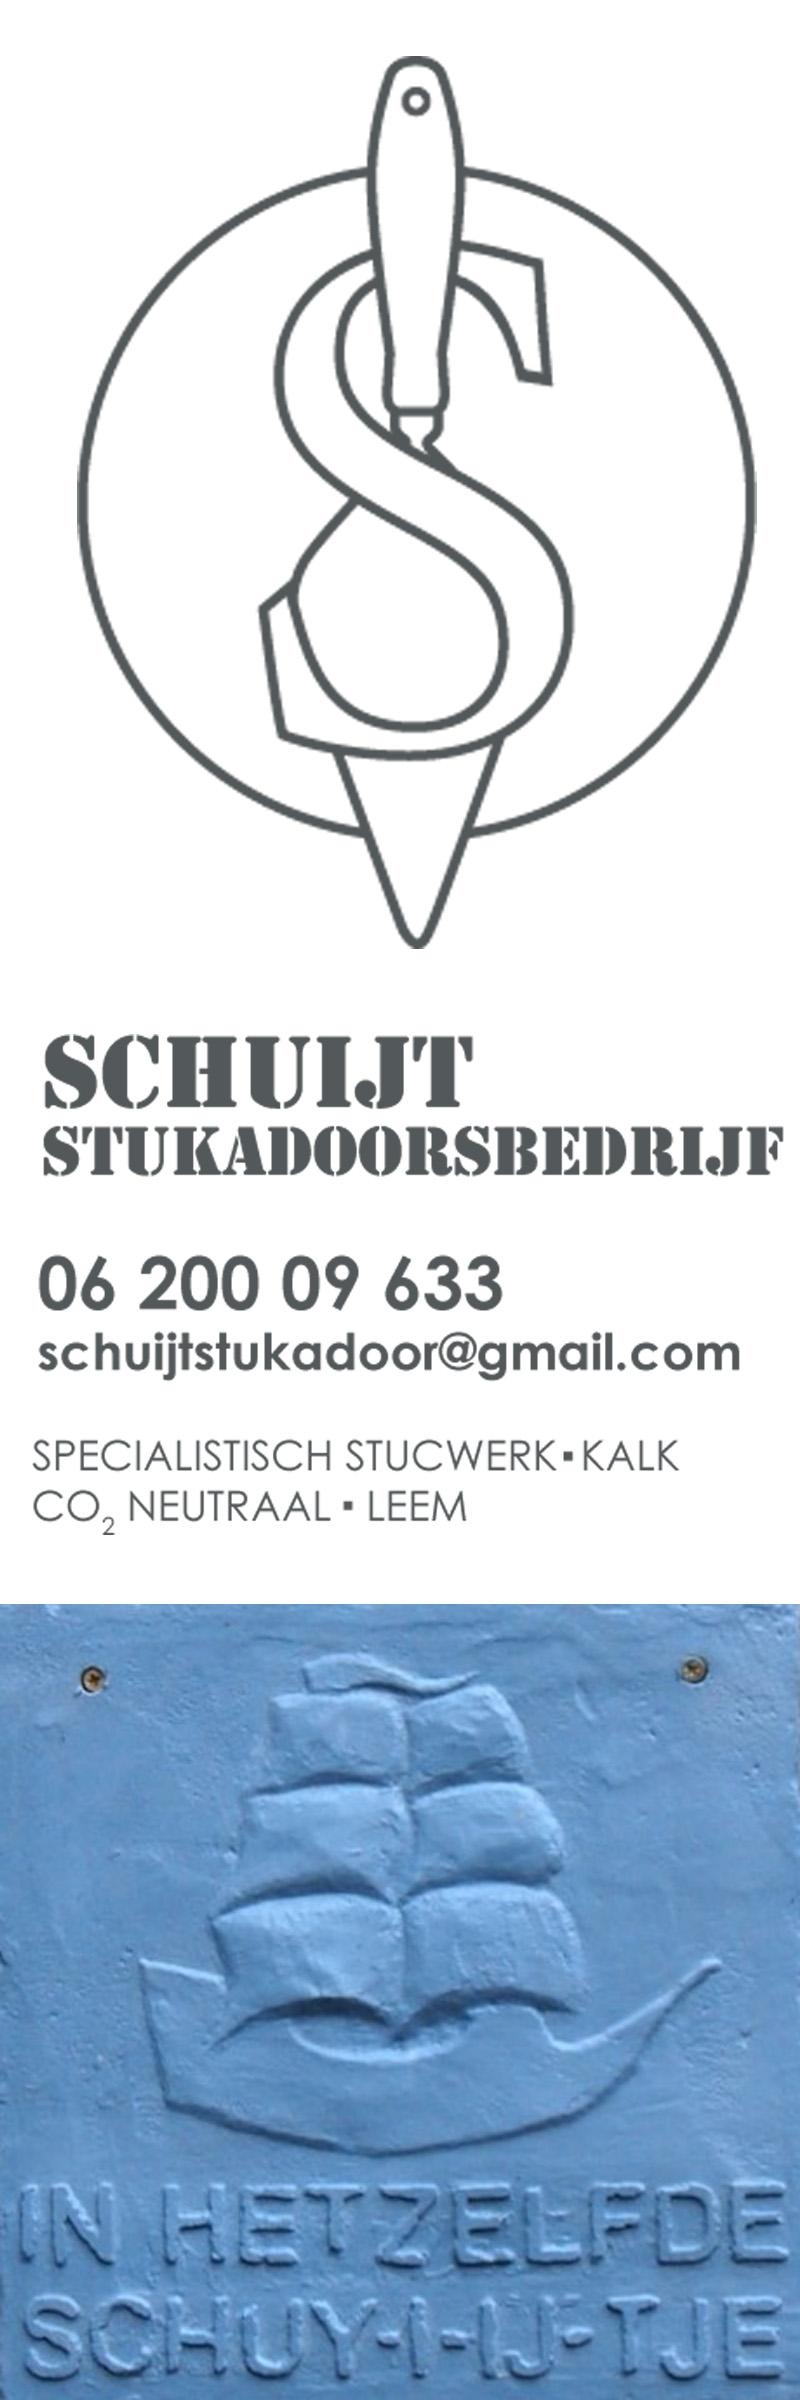 Schuijt-stukadoorsbedrijf